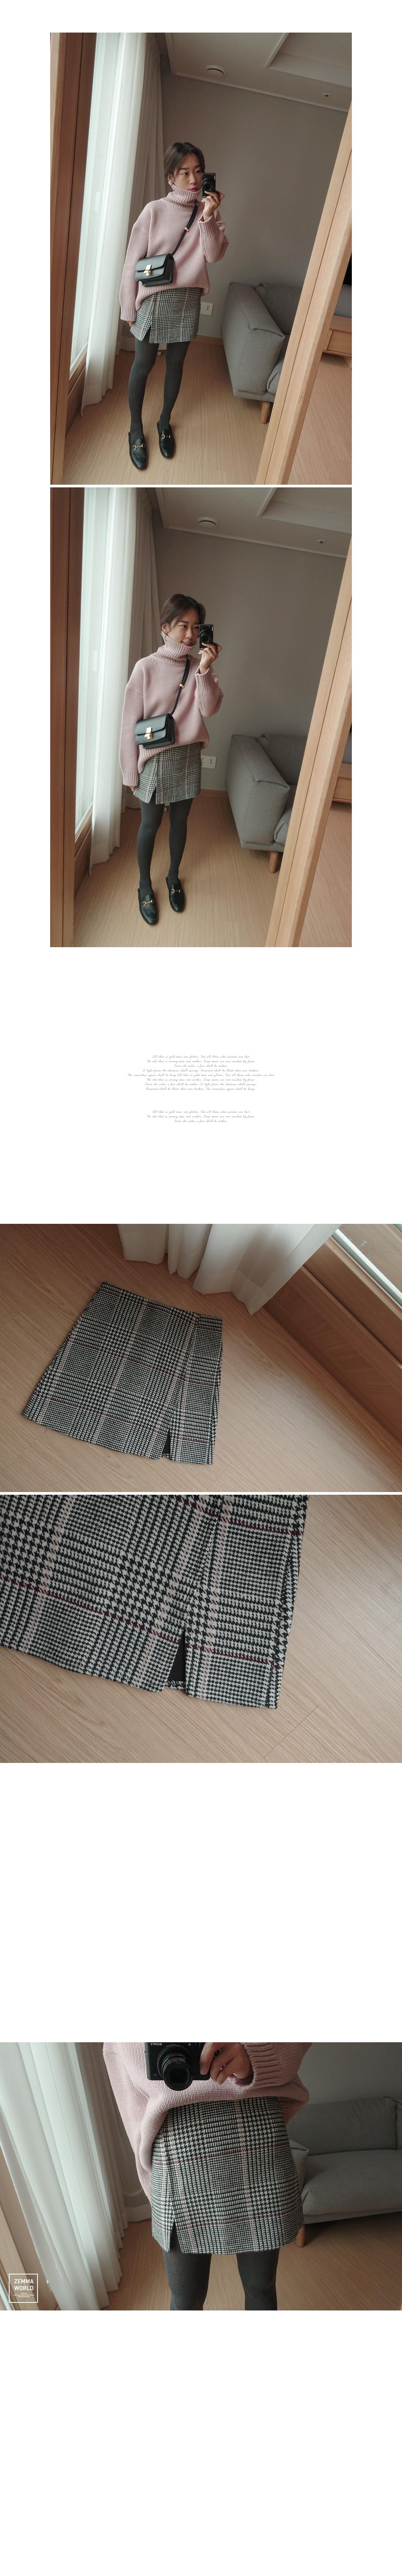 Hound - brushed skirt